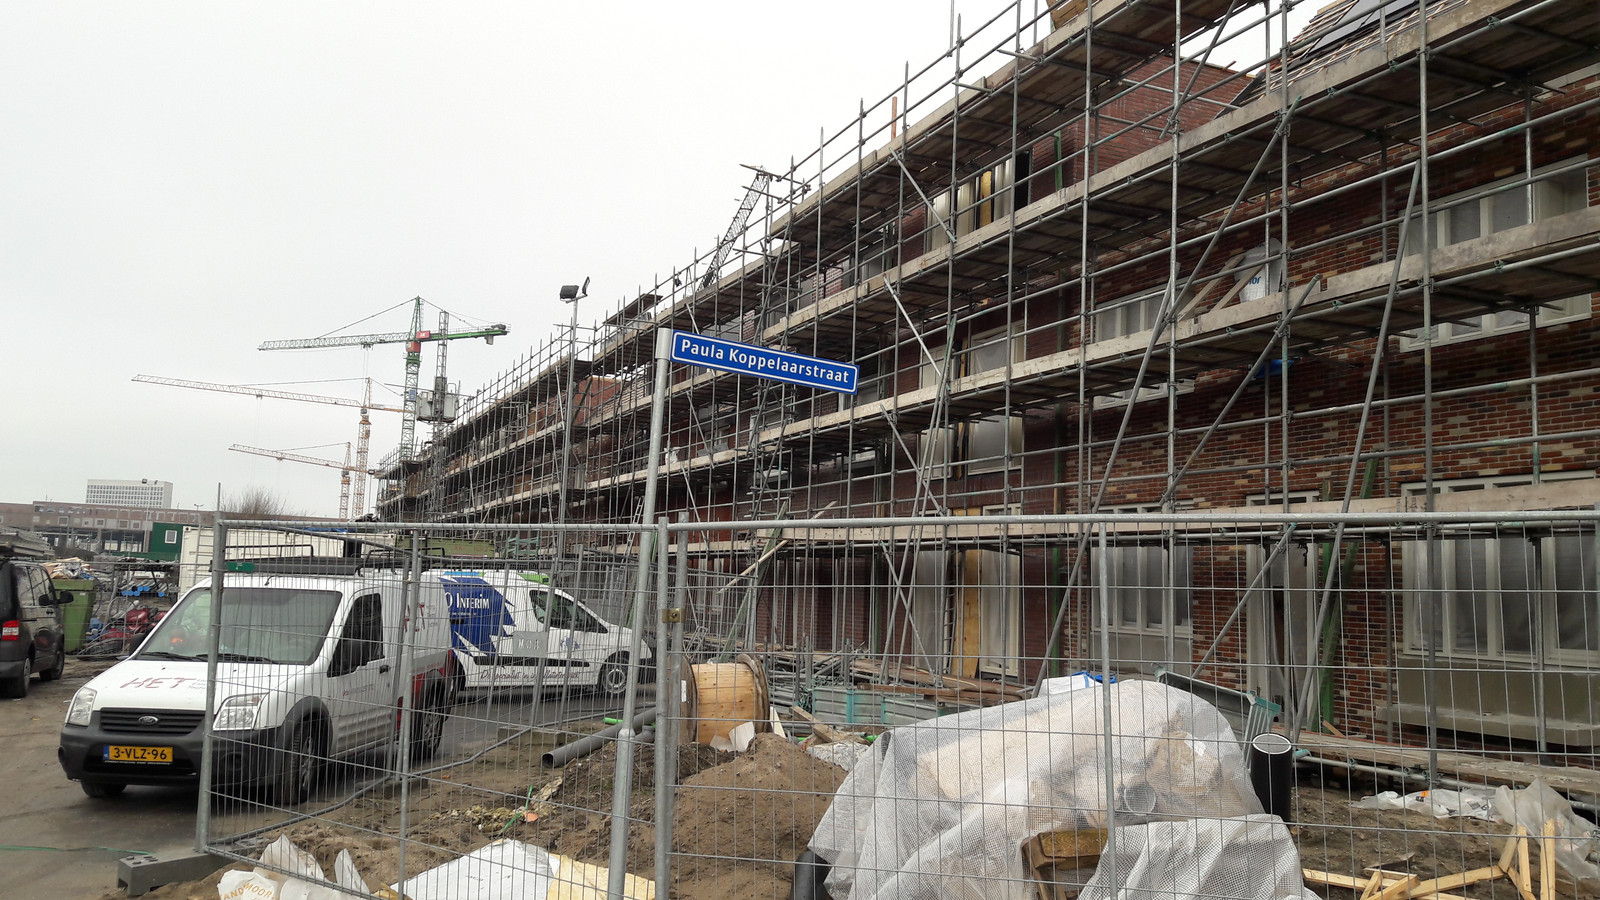 BREDA - Nieuwbouw tussen het Liniekwartier en de spoorlijn. In de wijk Drie Hoefijzers-Noord zijn de straten naar politici genoemd.